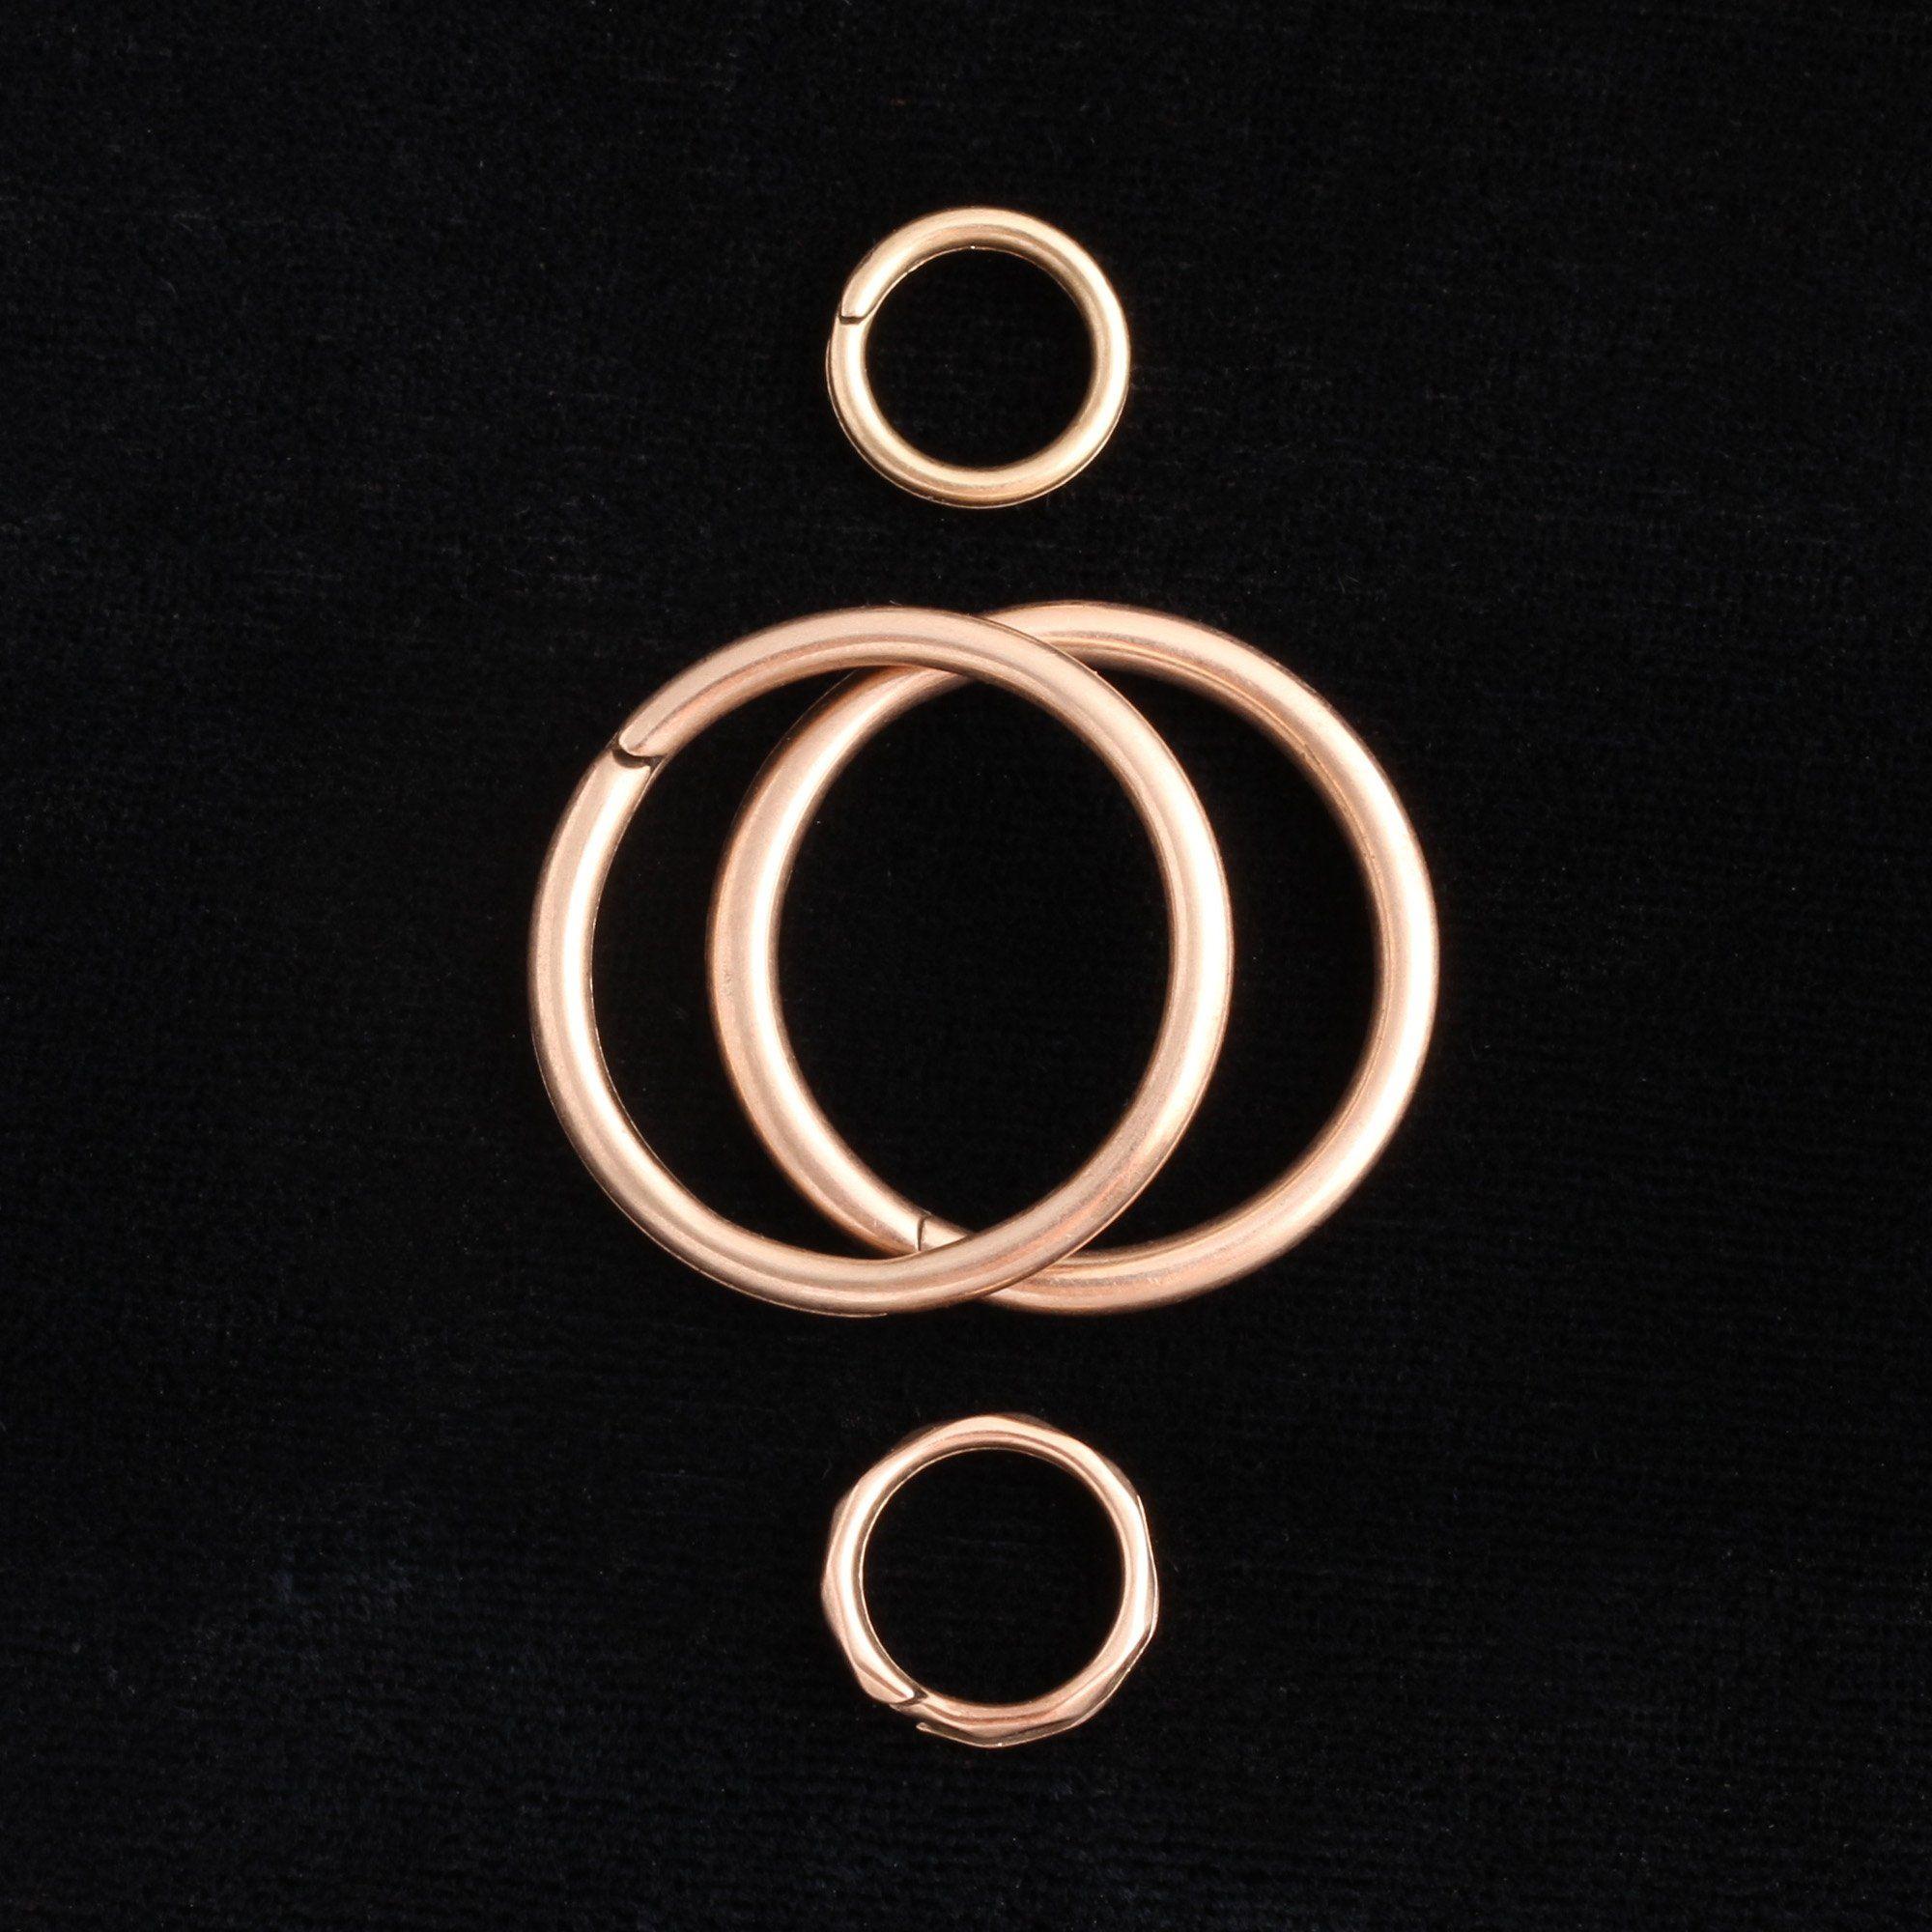 Victorian Rose Gold Split Rings